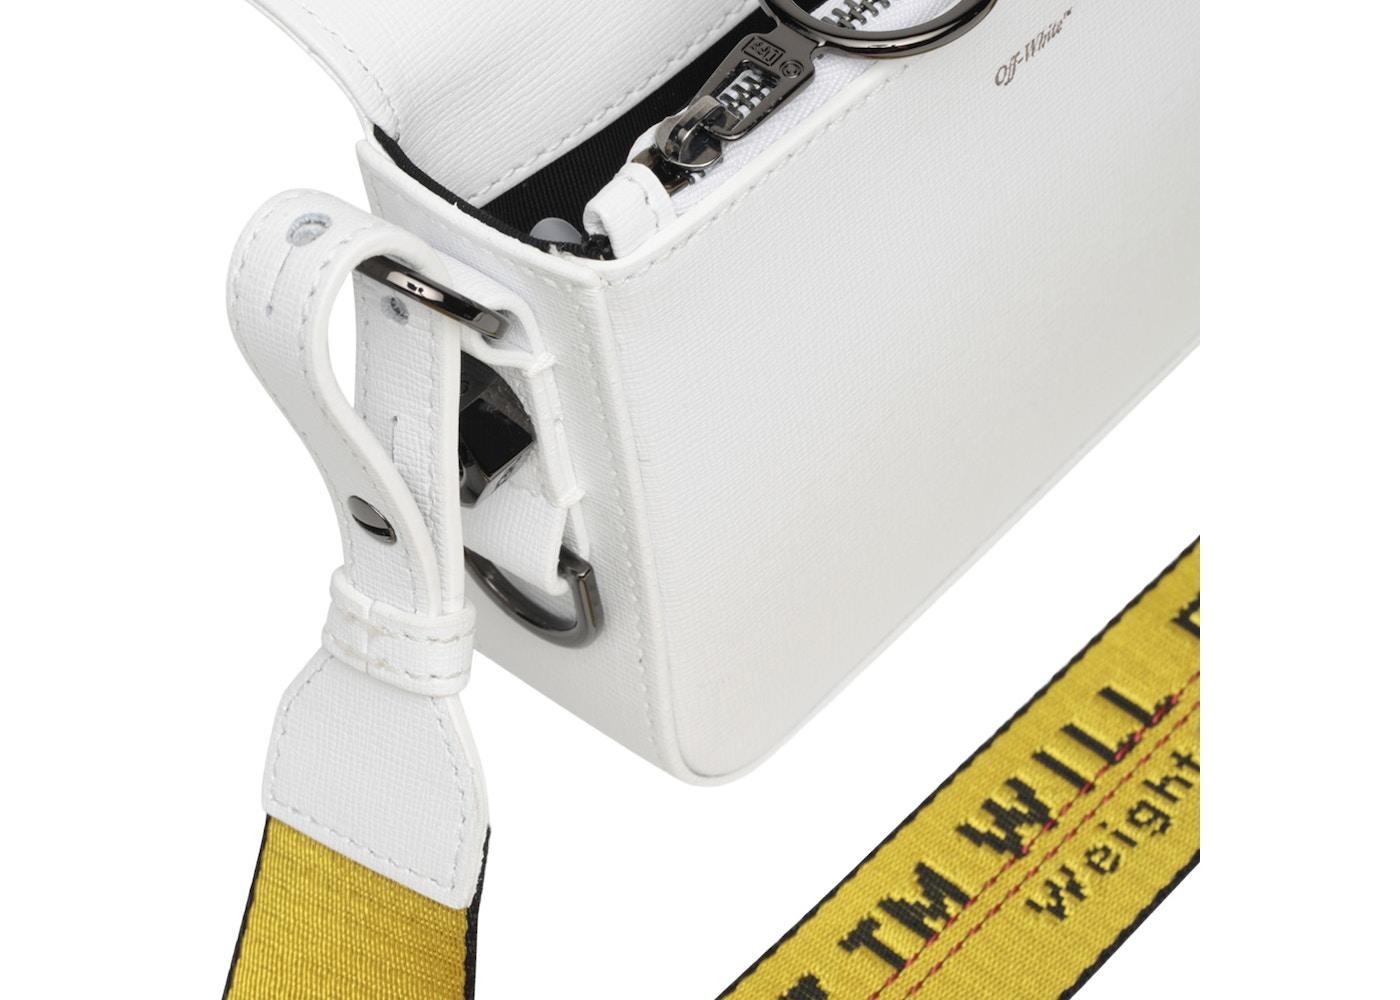 777eb686 OFF-WHITE Binder Clip Bag Diag Mini White Black Yellow